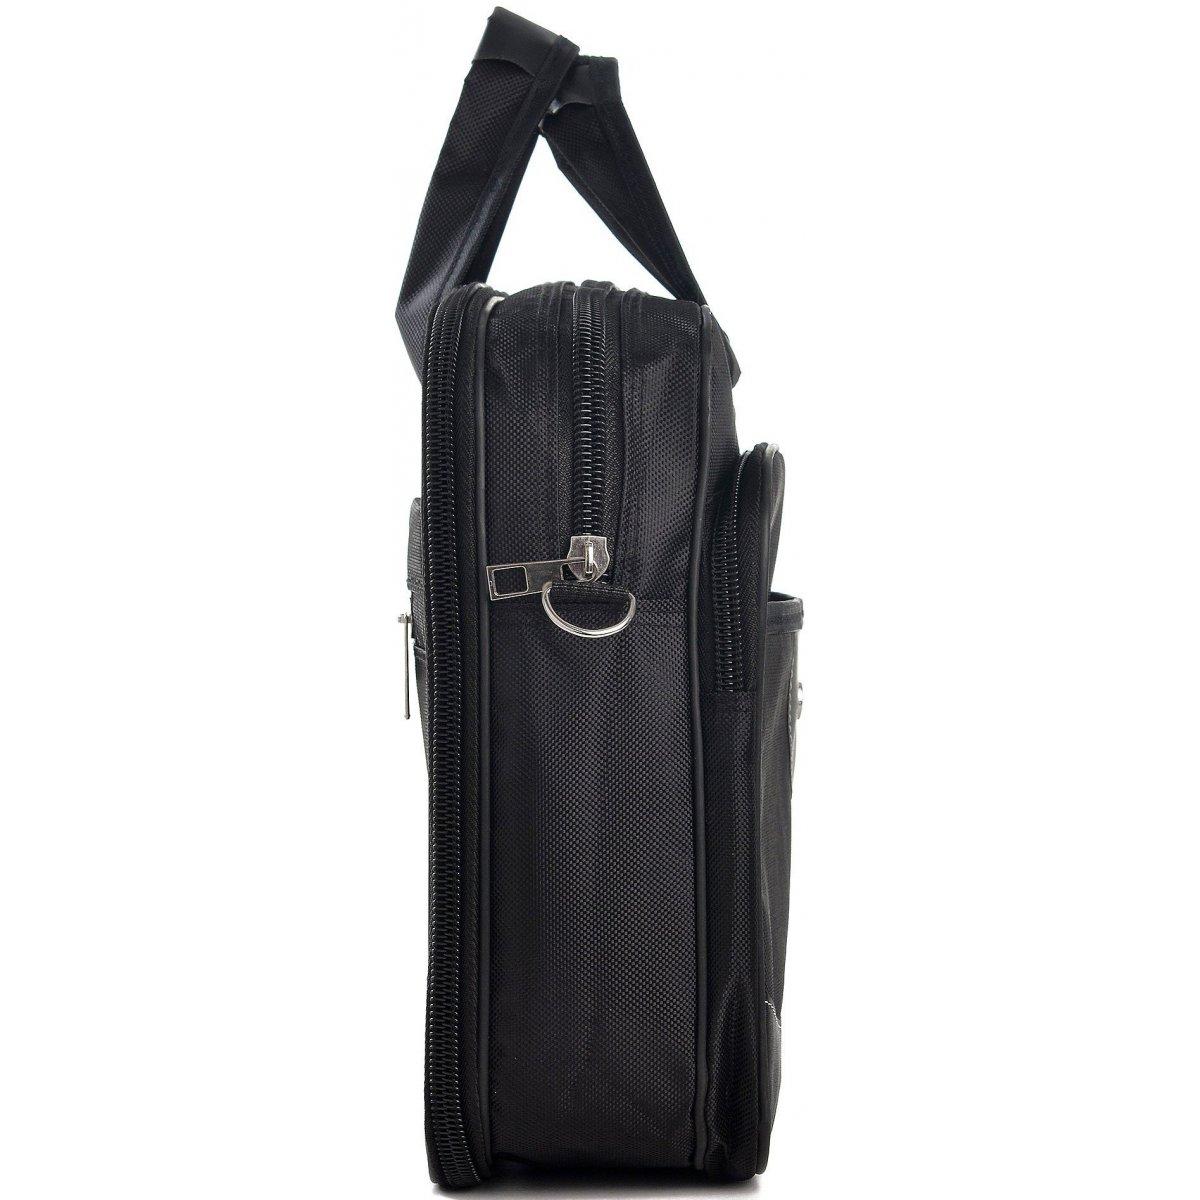 serviette porte ordinateur les sacs de k 39 rlot hk161003 couleur principale noir. Black Bedroom Furniture Sets. Home Design Ideas